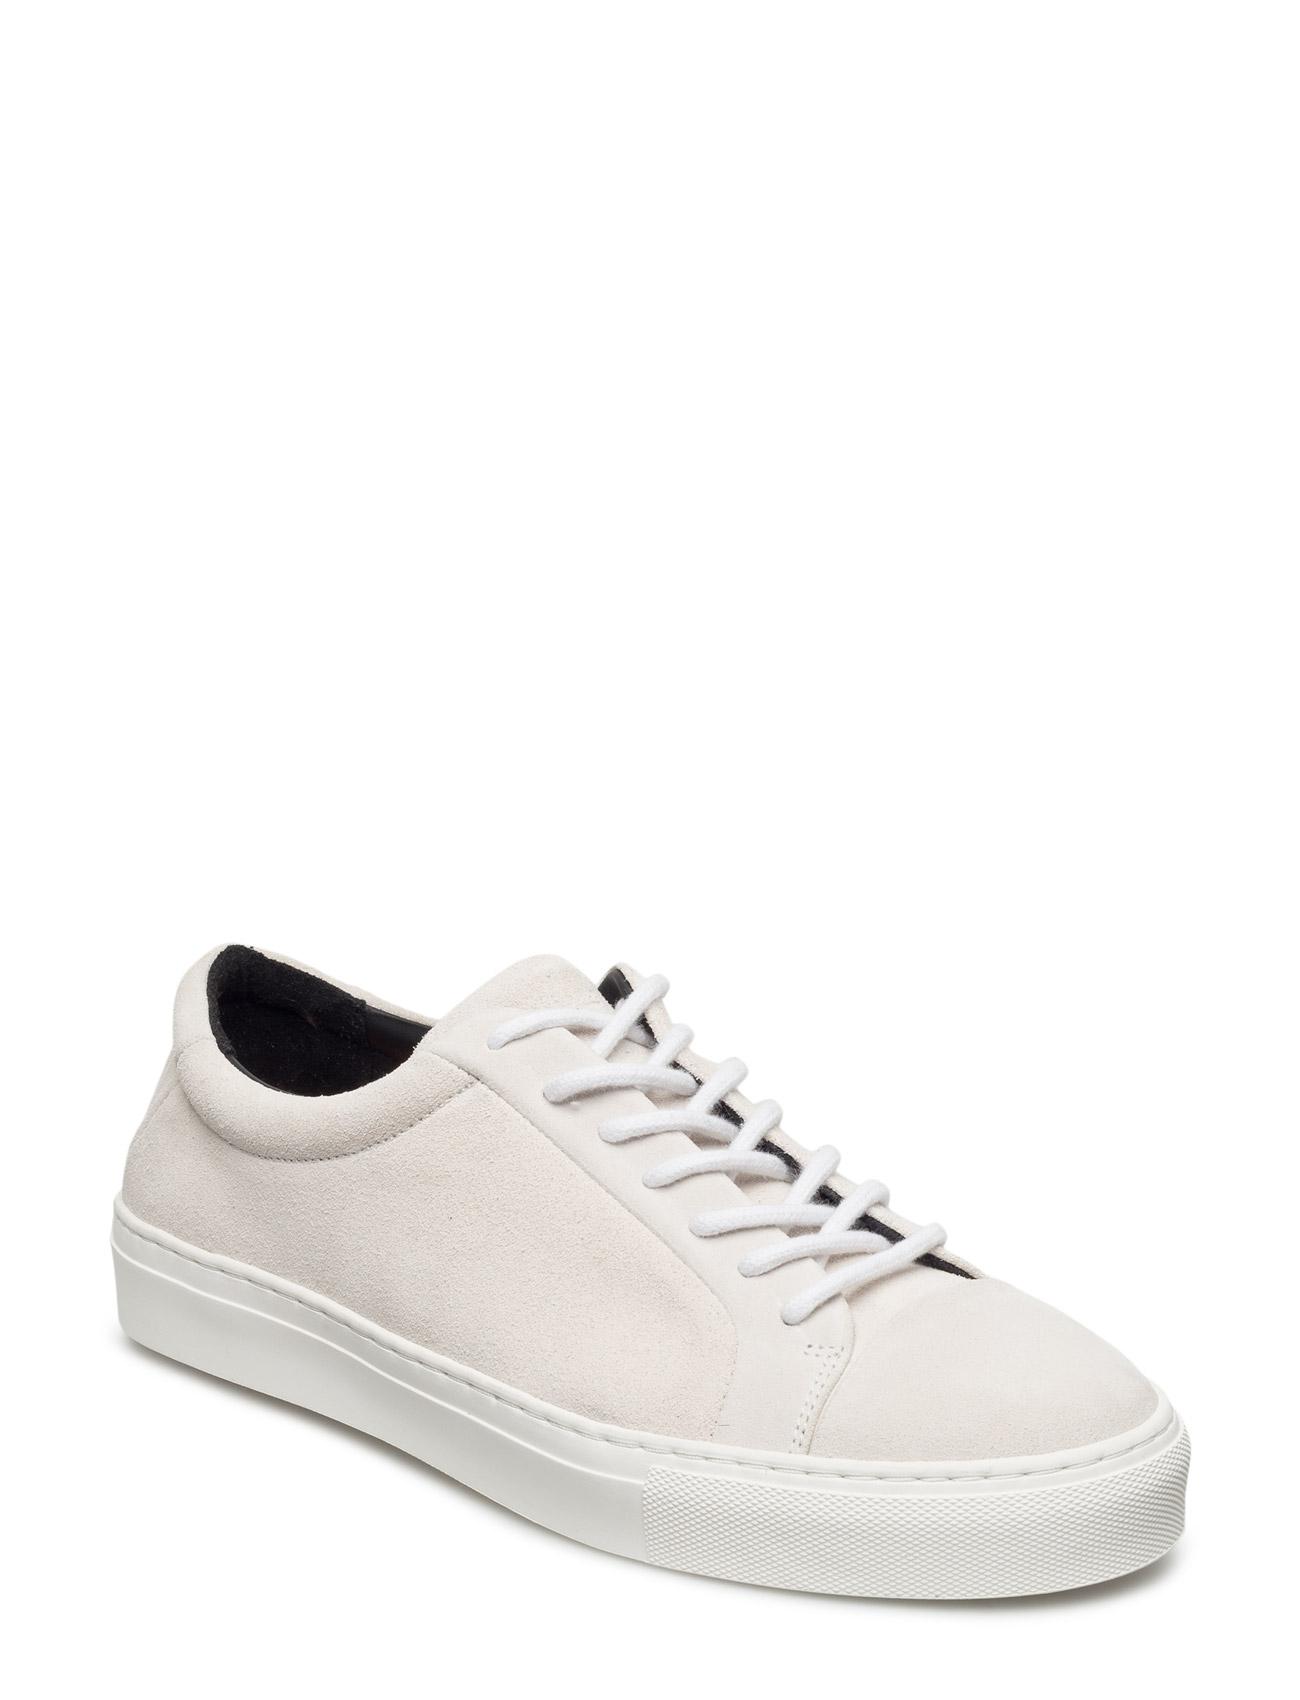 a4c6247045e5 Shop Spartacus Season Shoe Royal RepubliQ Sneakers i hvid til Herrer på en  webshop